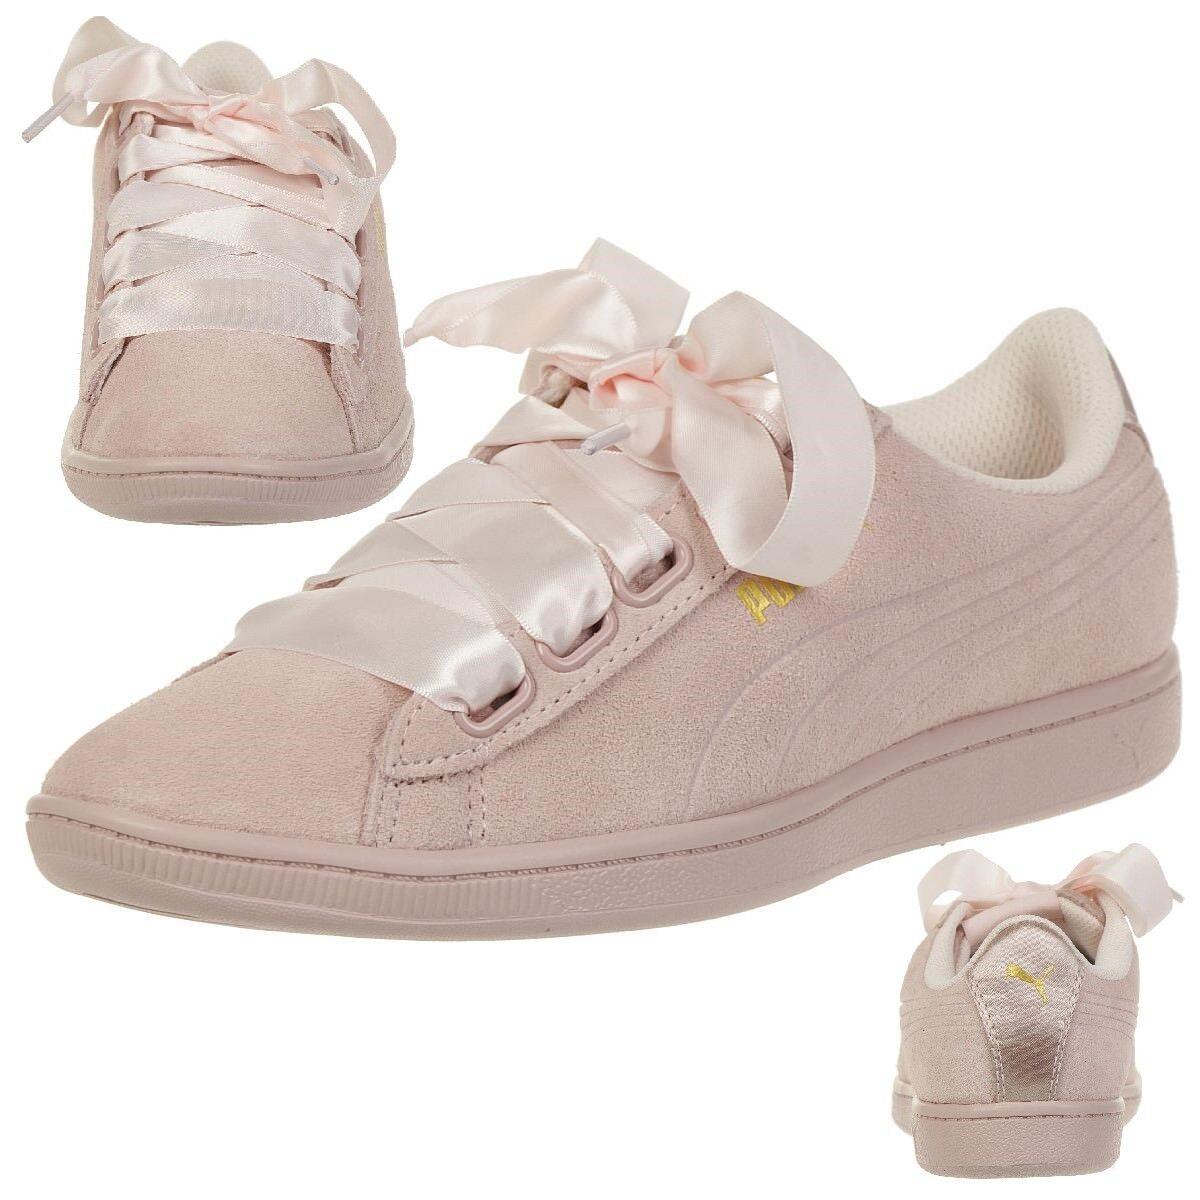 Descuento por tiempo limitado Puma Vikky Ribbon S Sneaker Damen Schuhe 366416 03 rosa